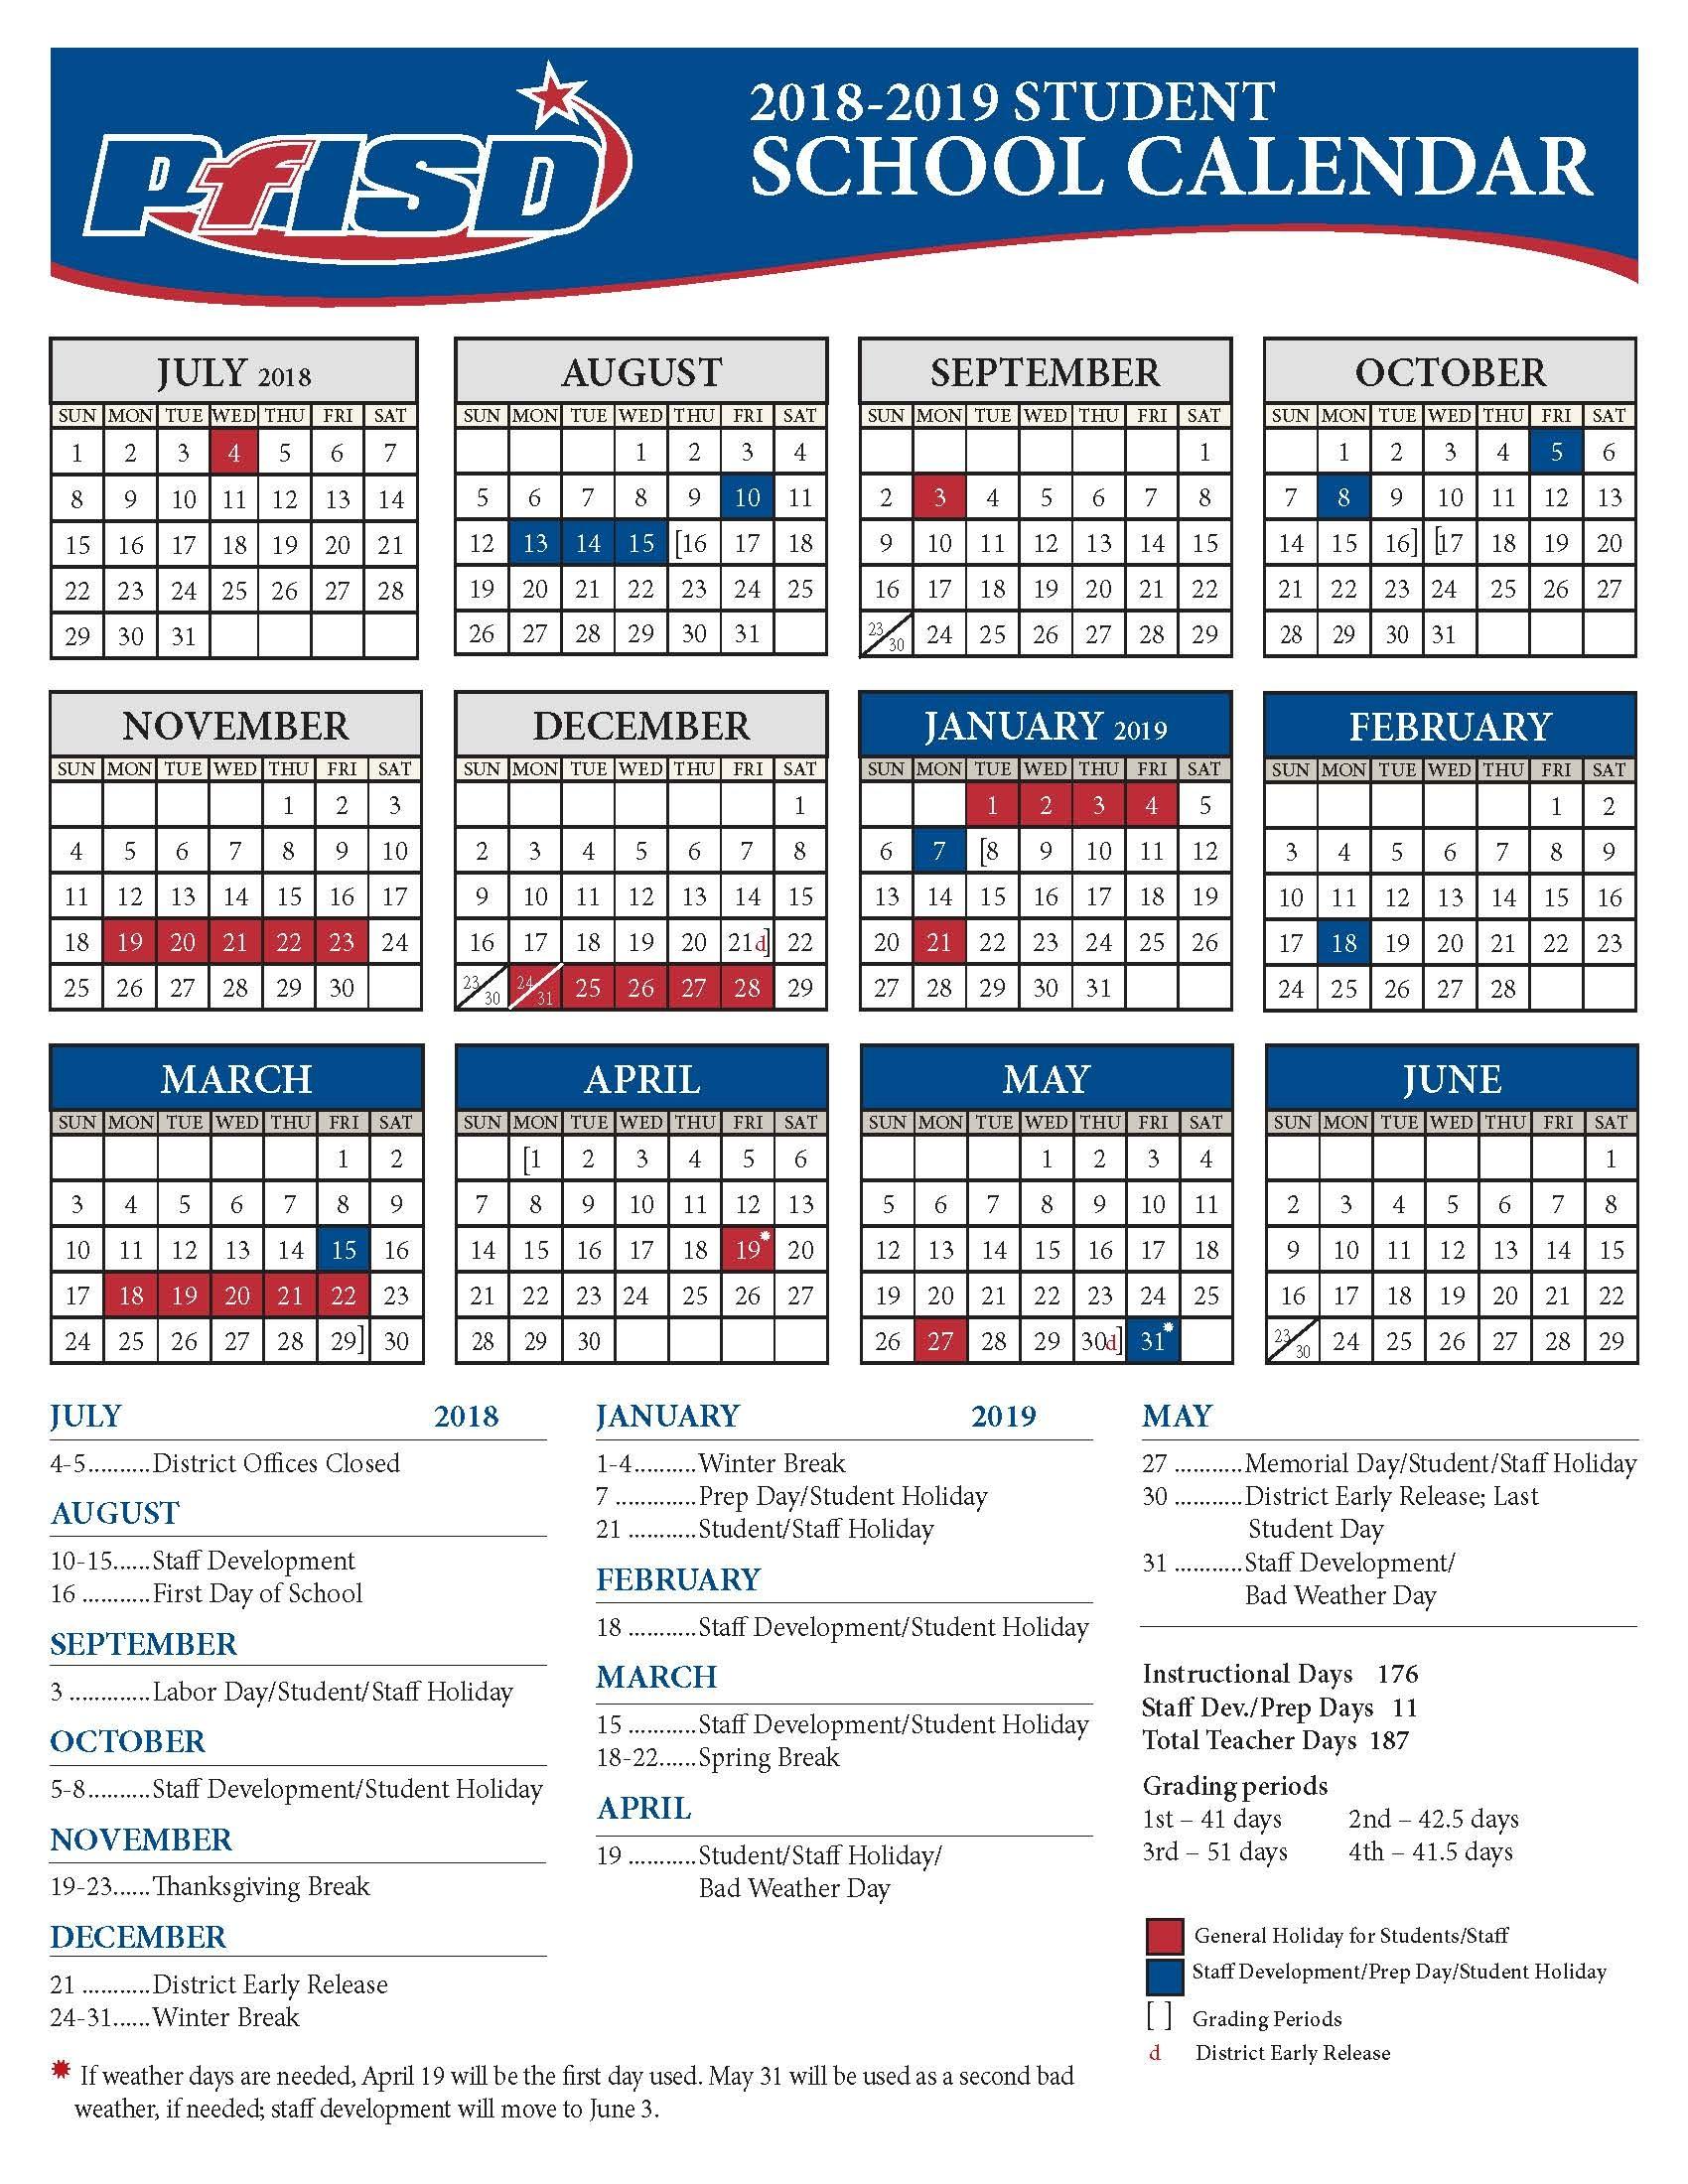 Spring Break 2019 Calendar | Qualads with Ocsb School Year Calendar